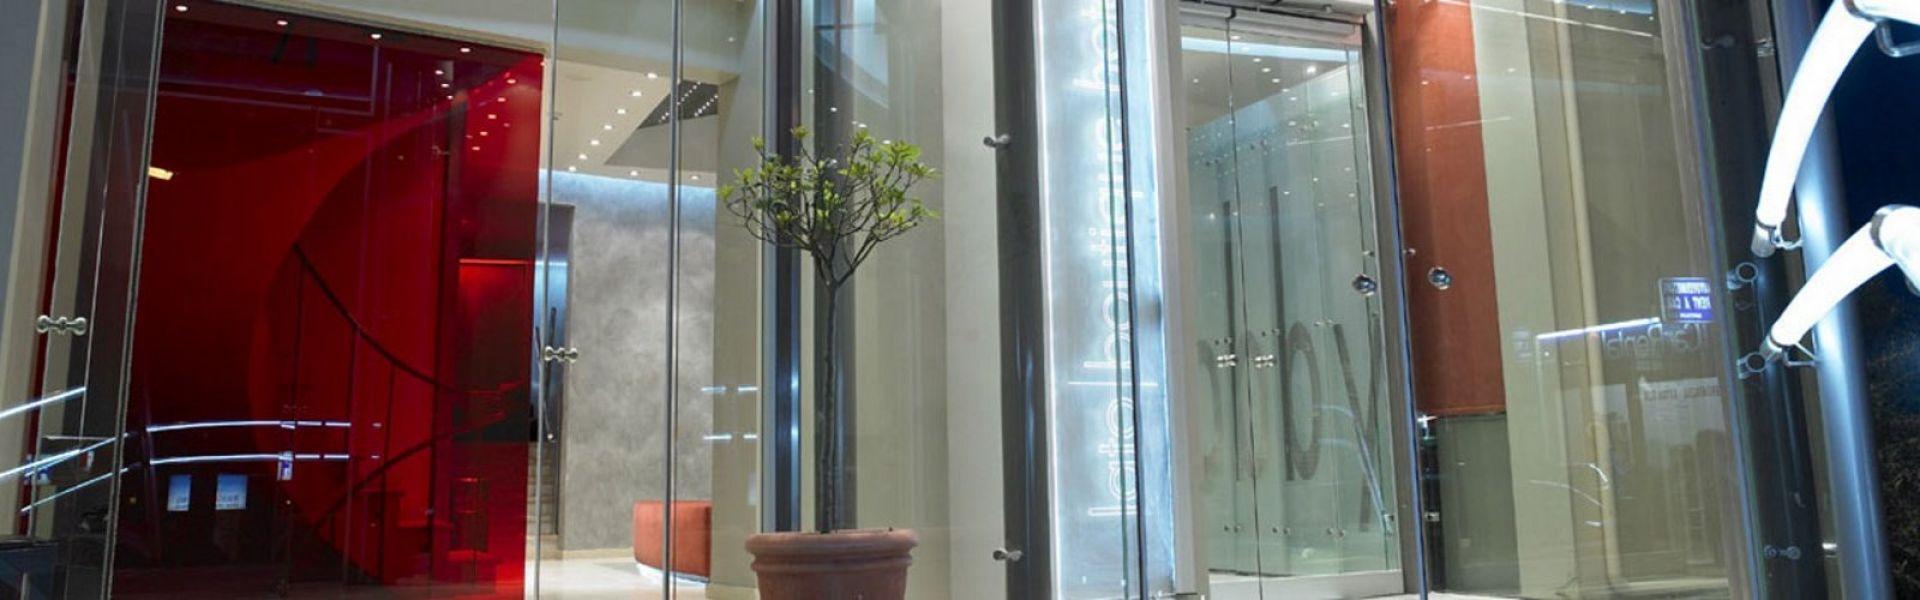 Entrance - Lato Boutique Hotel